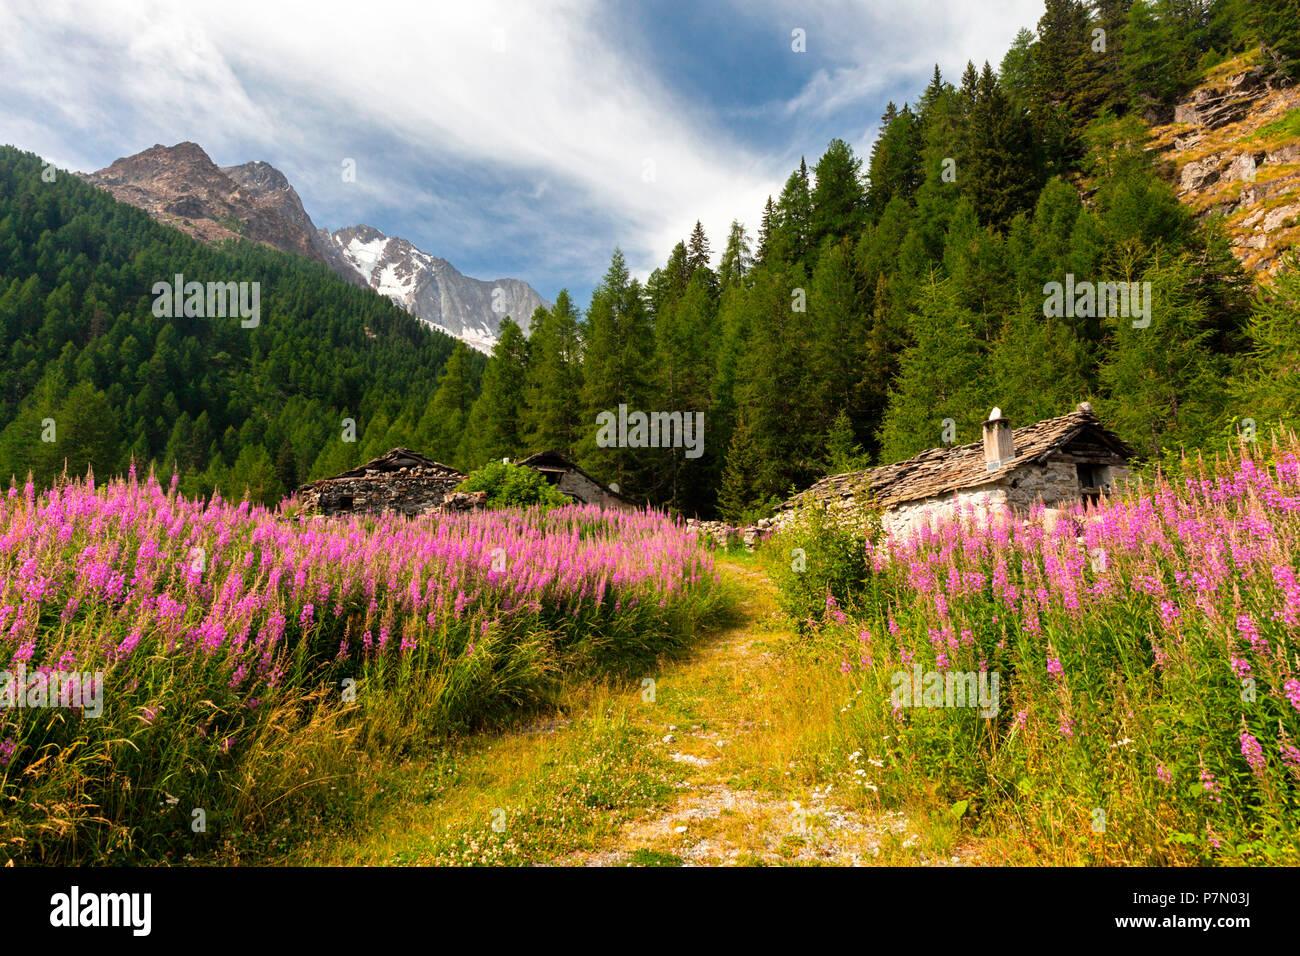 Hiking path at Pian del Lupo with Monte Disgrazia in the background, Chiareggio, Valmalenco, Province of Sondrio, Lombardy, Italy - Stock Image